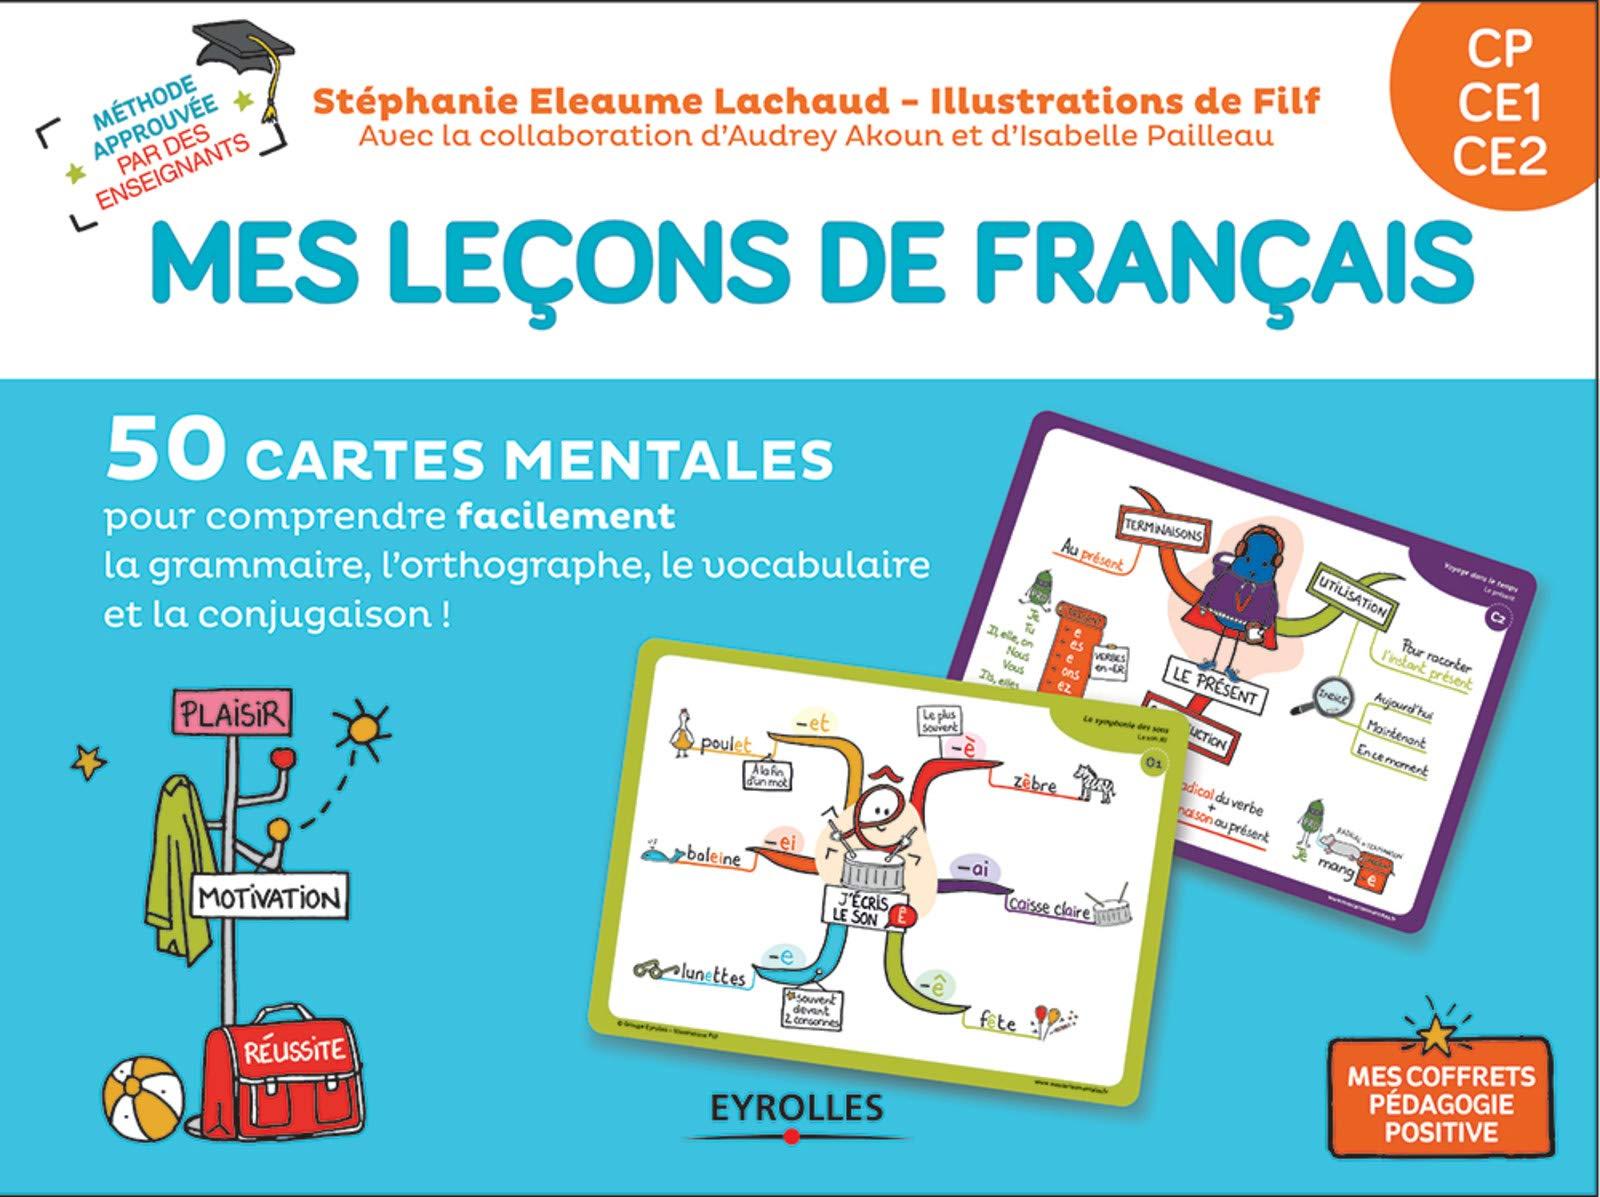 CP, CE1, CE2: 50 cartes mentales pour comprendre facilement la grammaire, le vocabulaire, l'orthographe et la conjugaison